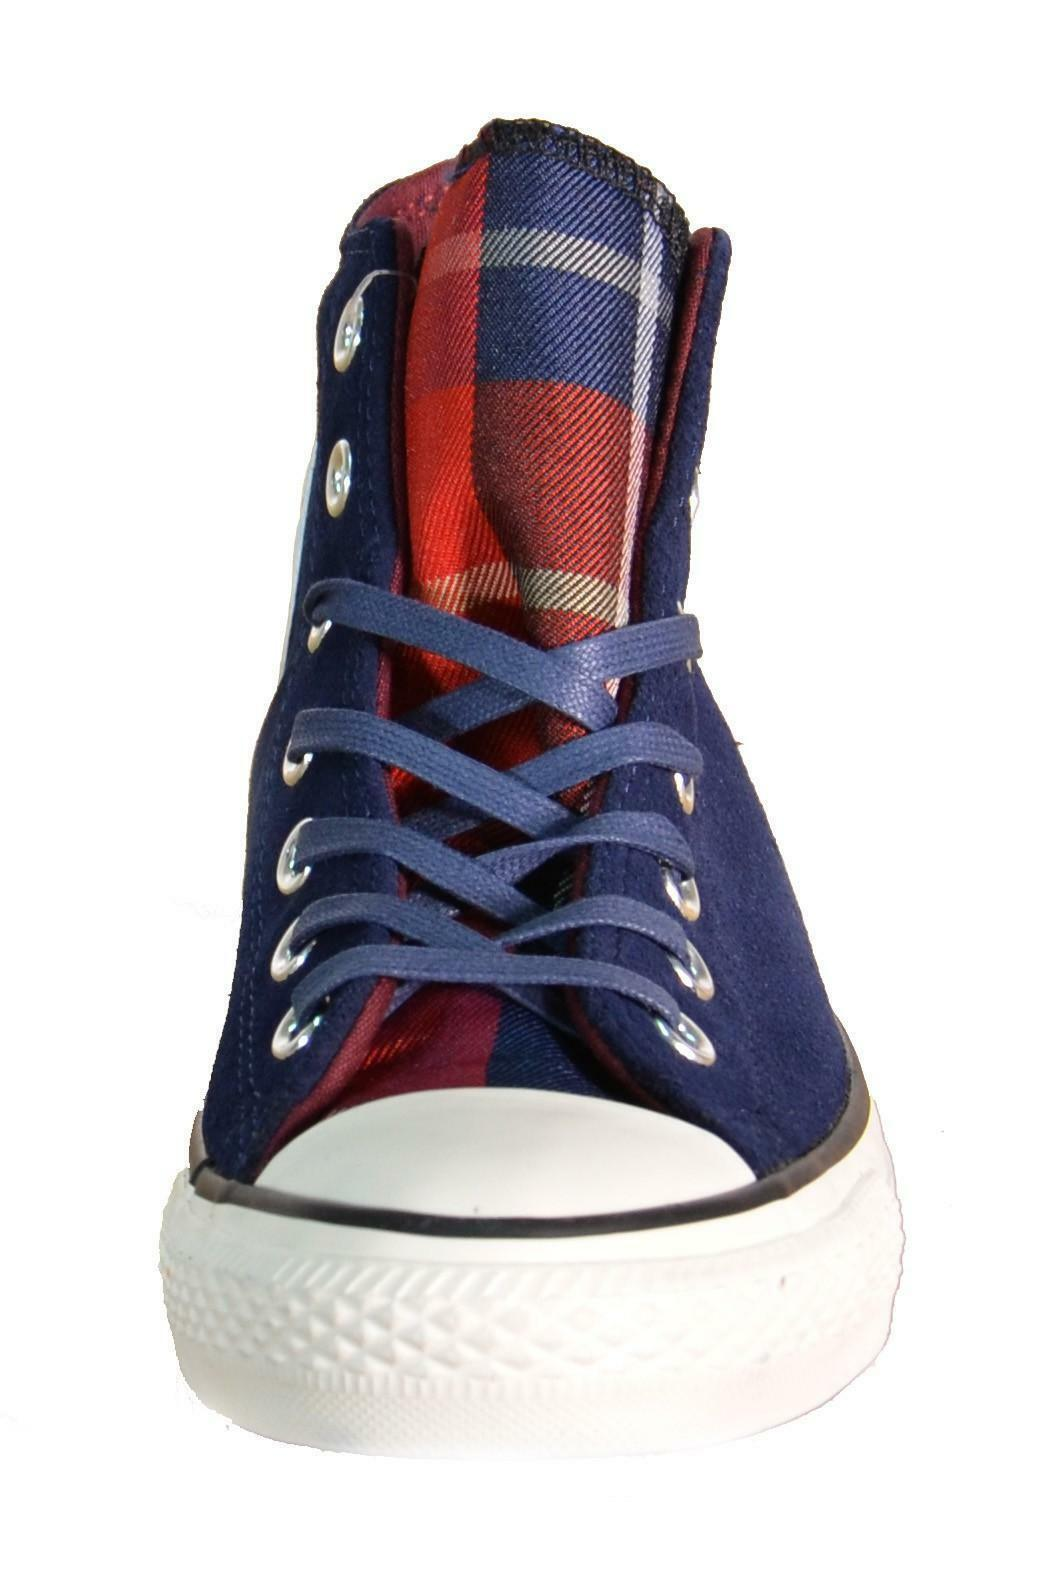 converse converse all star ct hi nighttime scarpe sportive donna blu 150591c